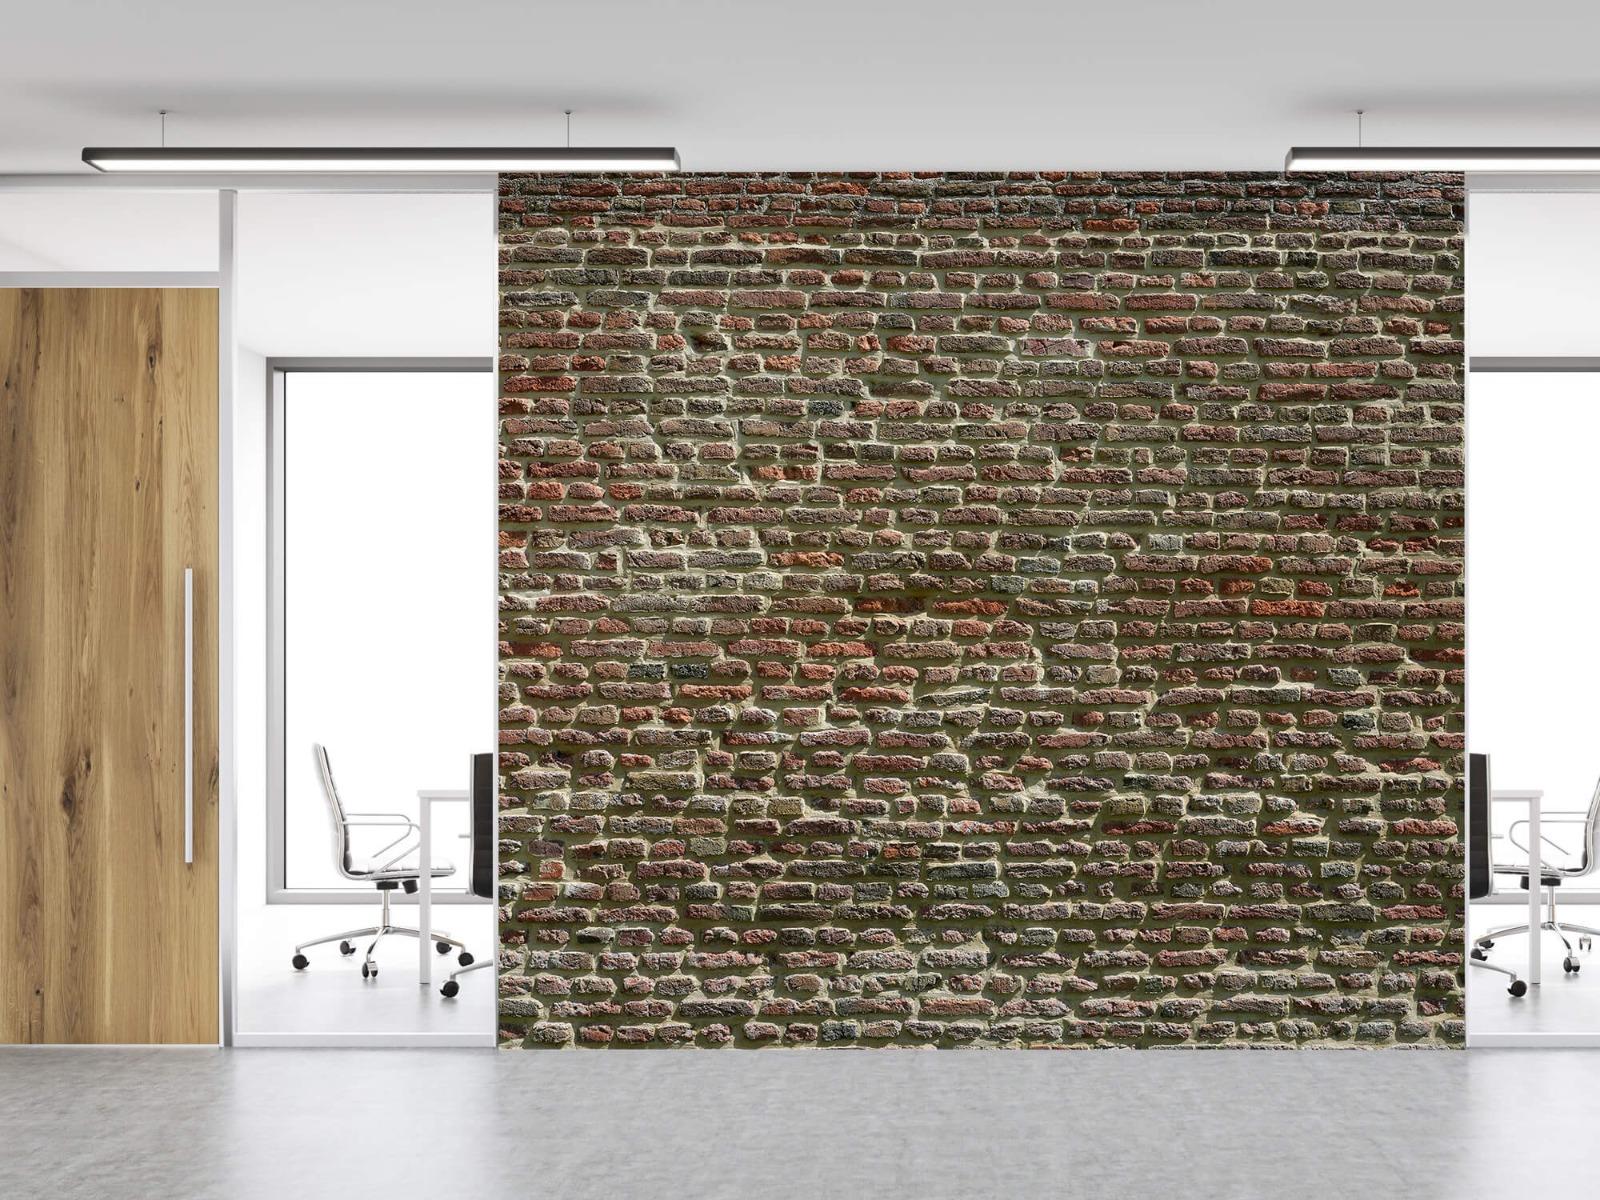 Stenen - Muur van oude bakstenen 13